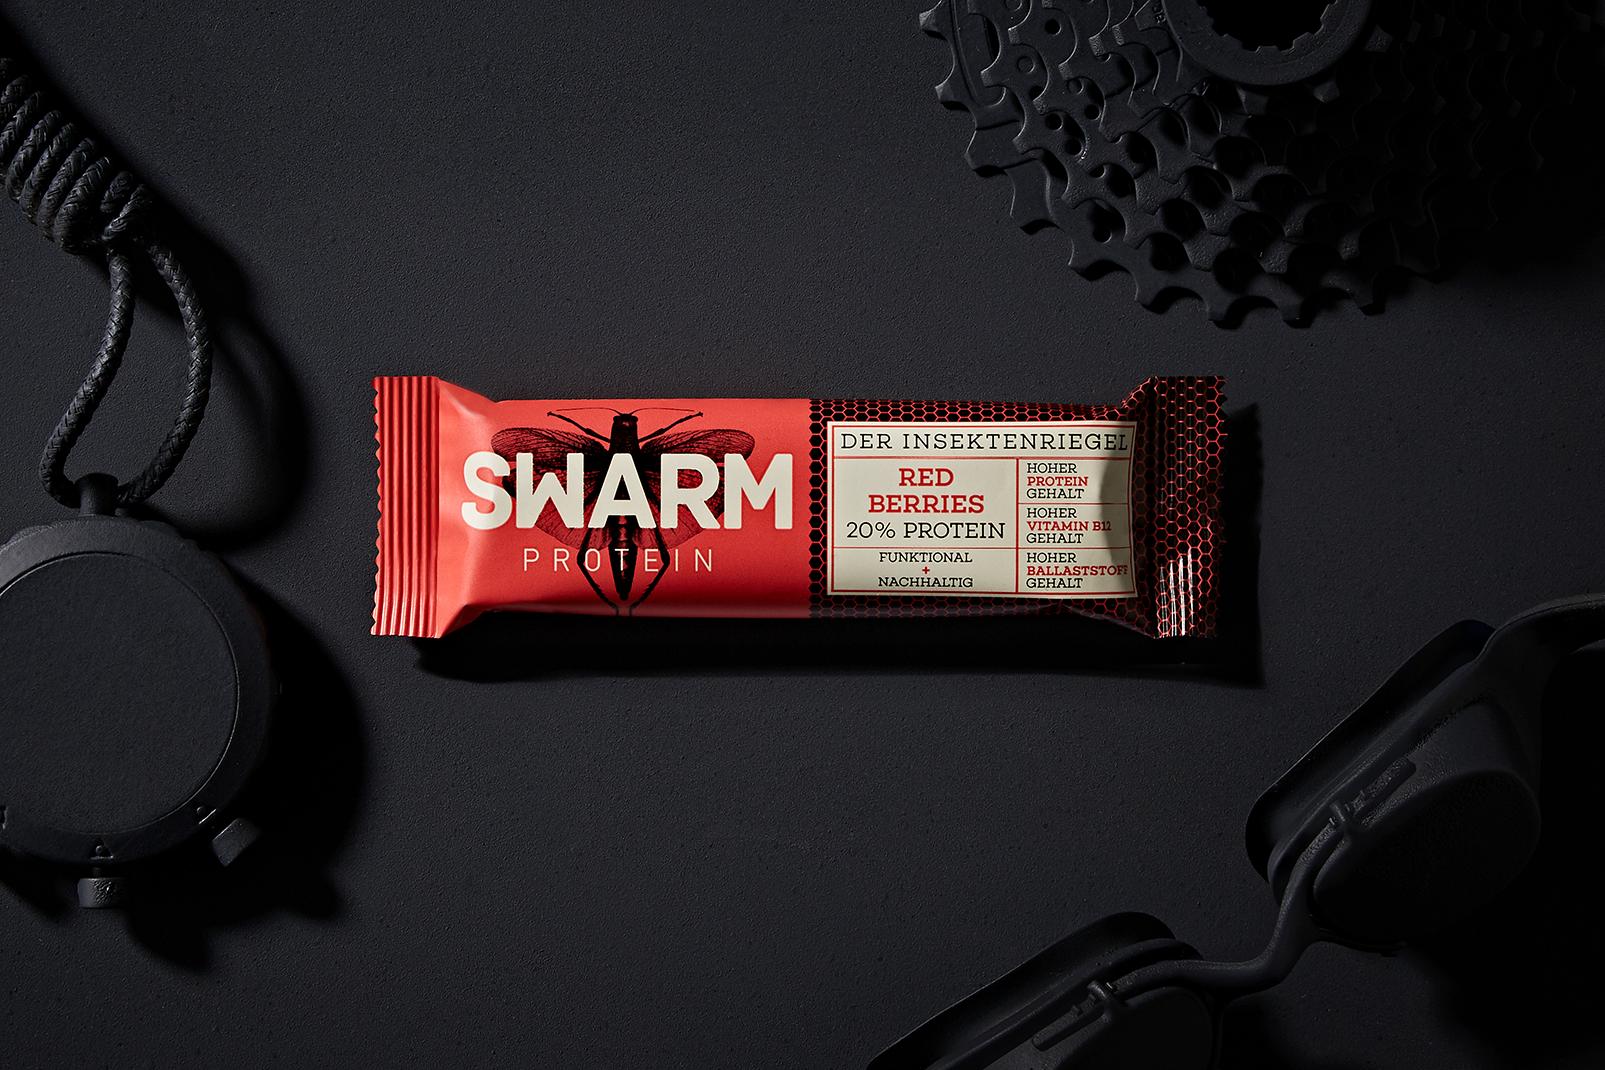 swarm_valentin_muehl_fotografie_stilllife_food_packshot_studio_set_8